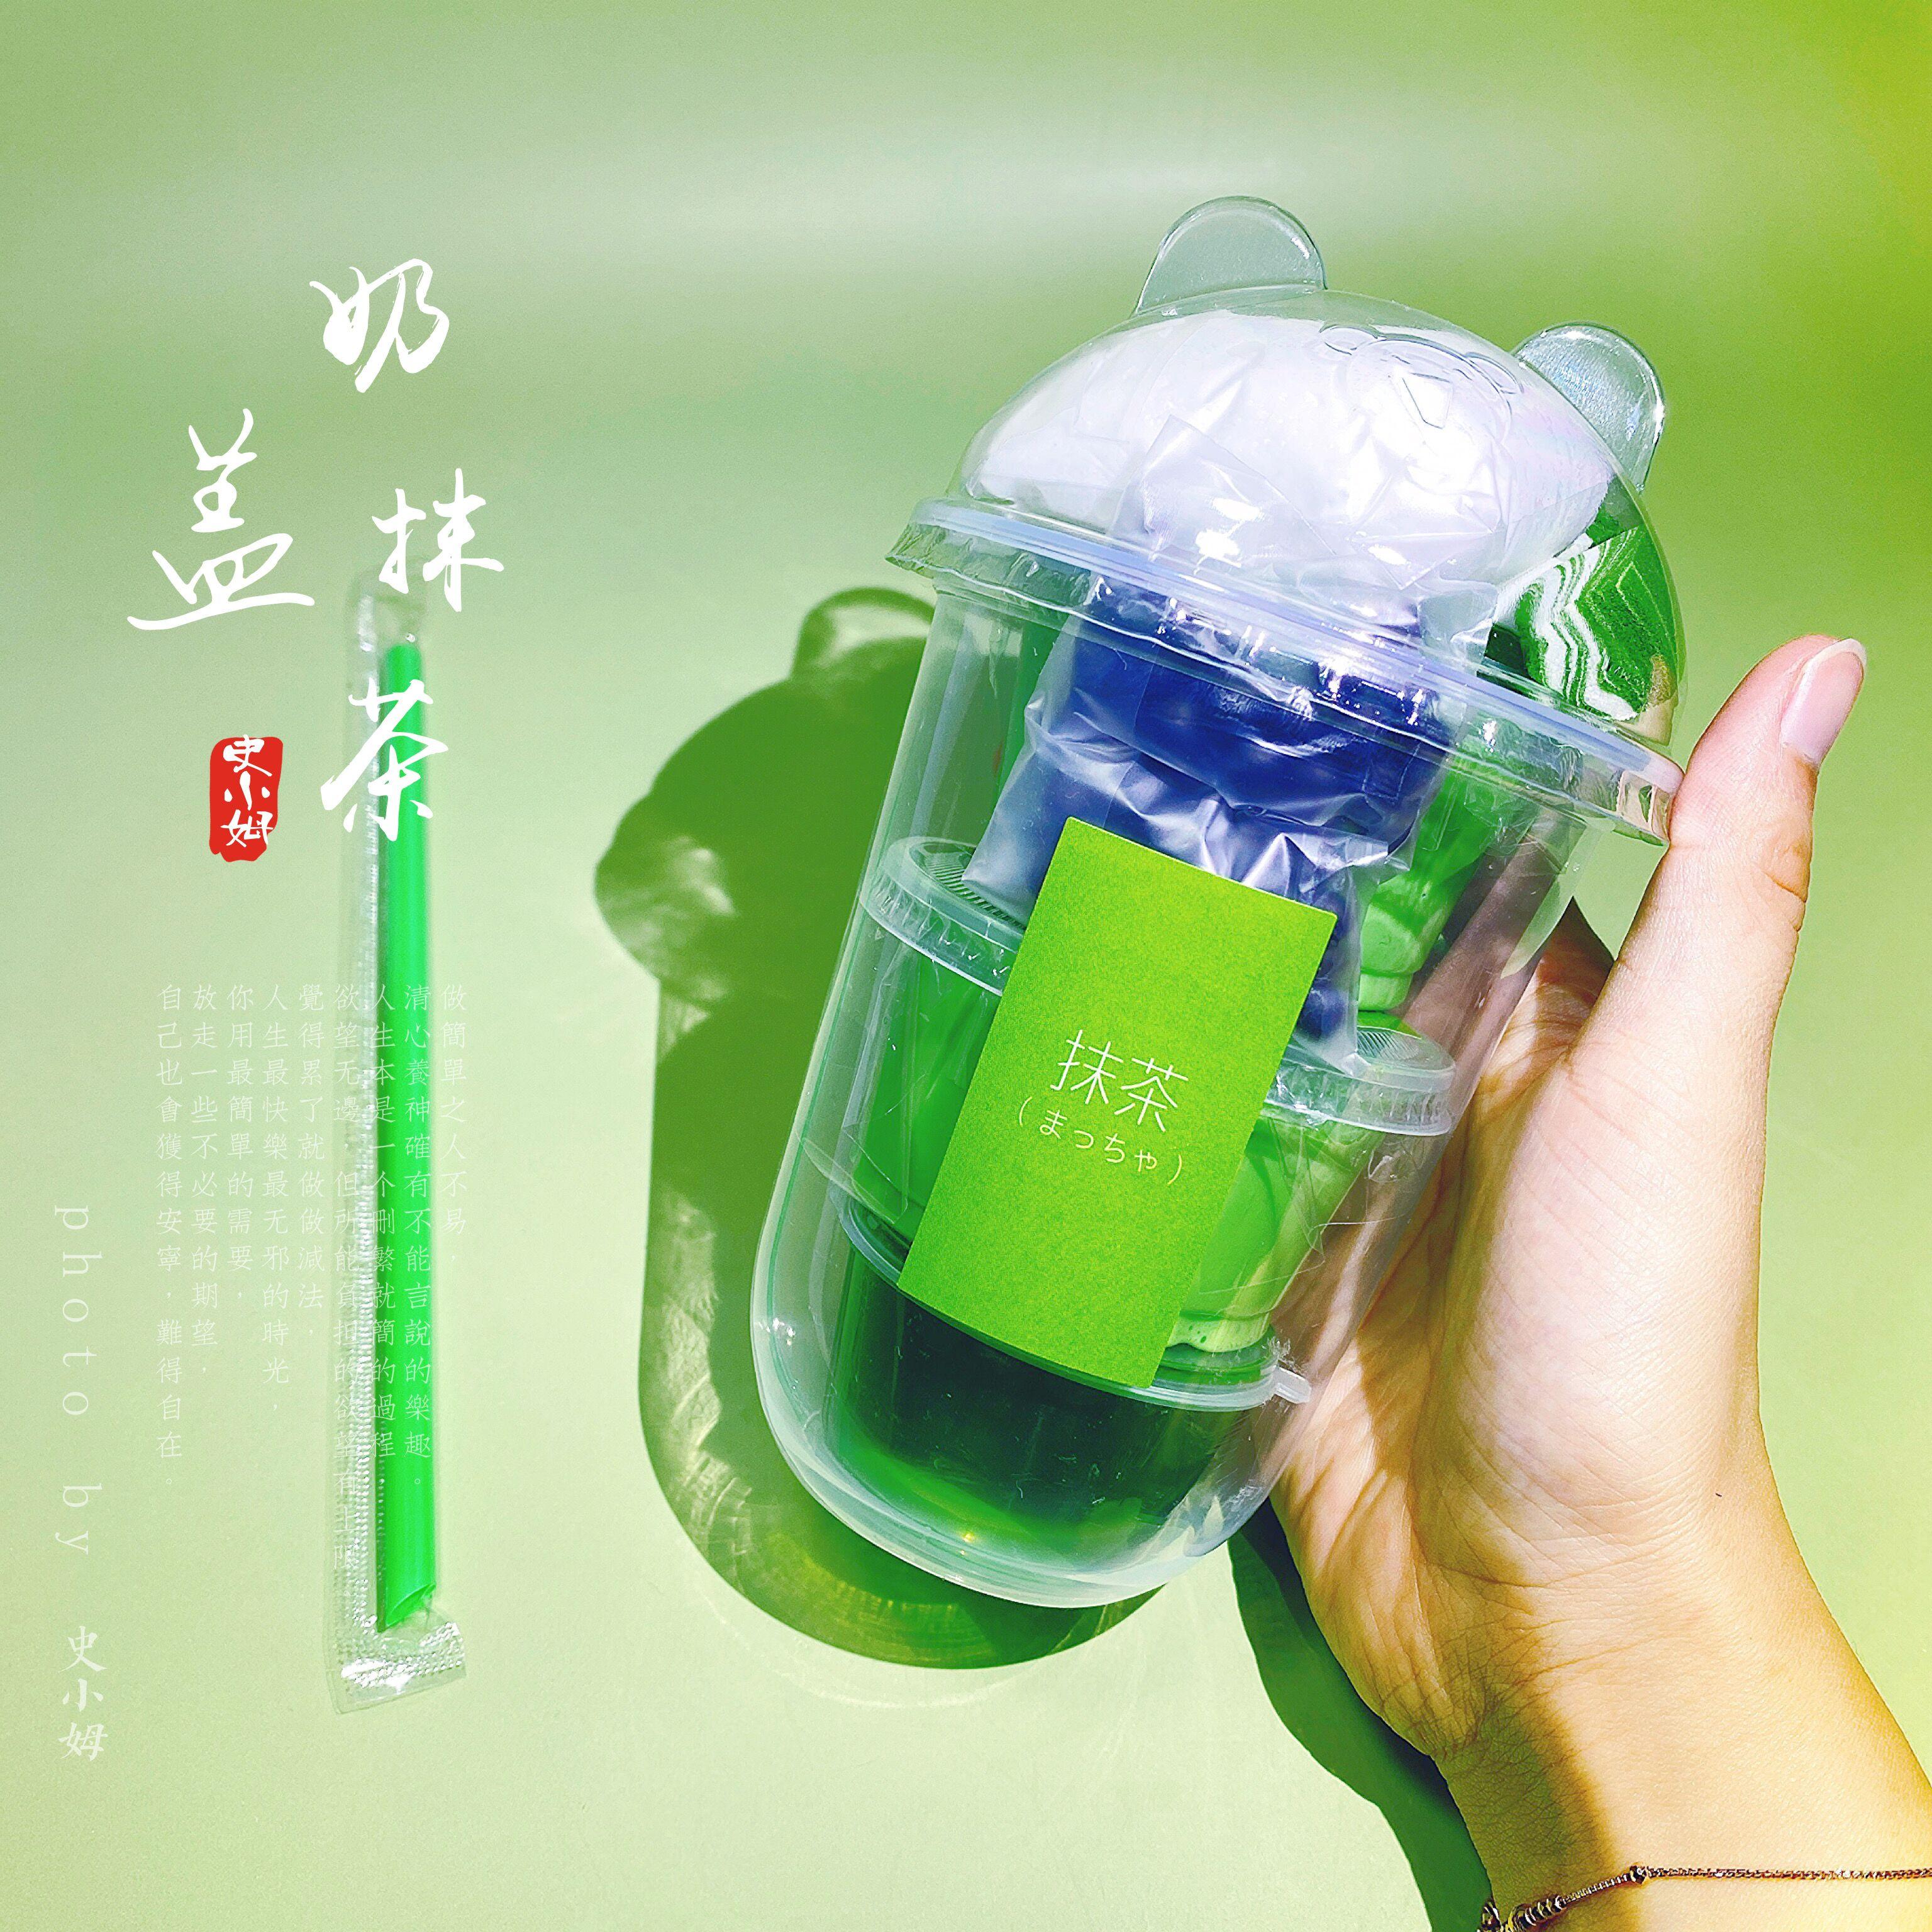 Матча молоко крышка история сорняки гувернантка играть коробка ущипнуть встаньте очень крутой из решение пресс игрушка slime чистый красный пузырь пластиковый мешок почта